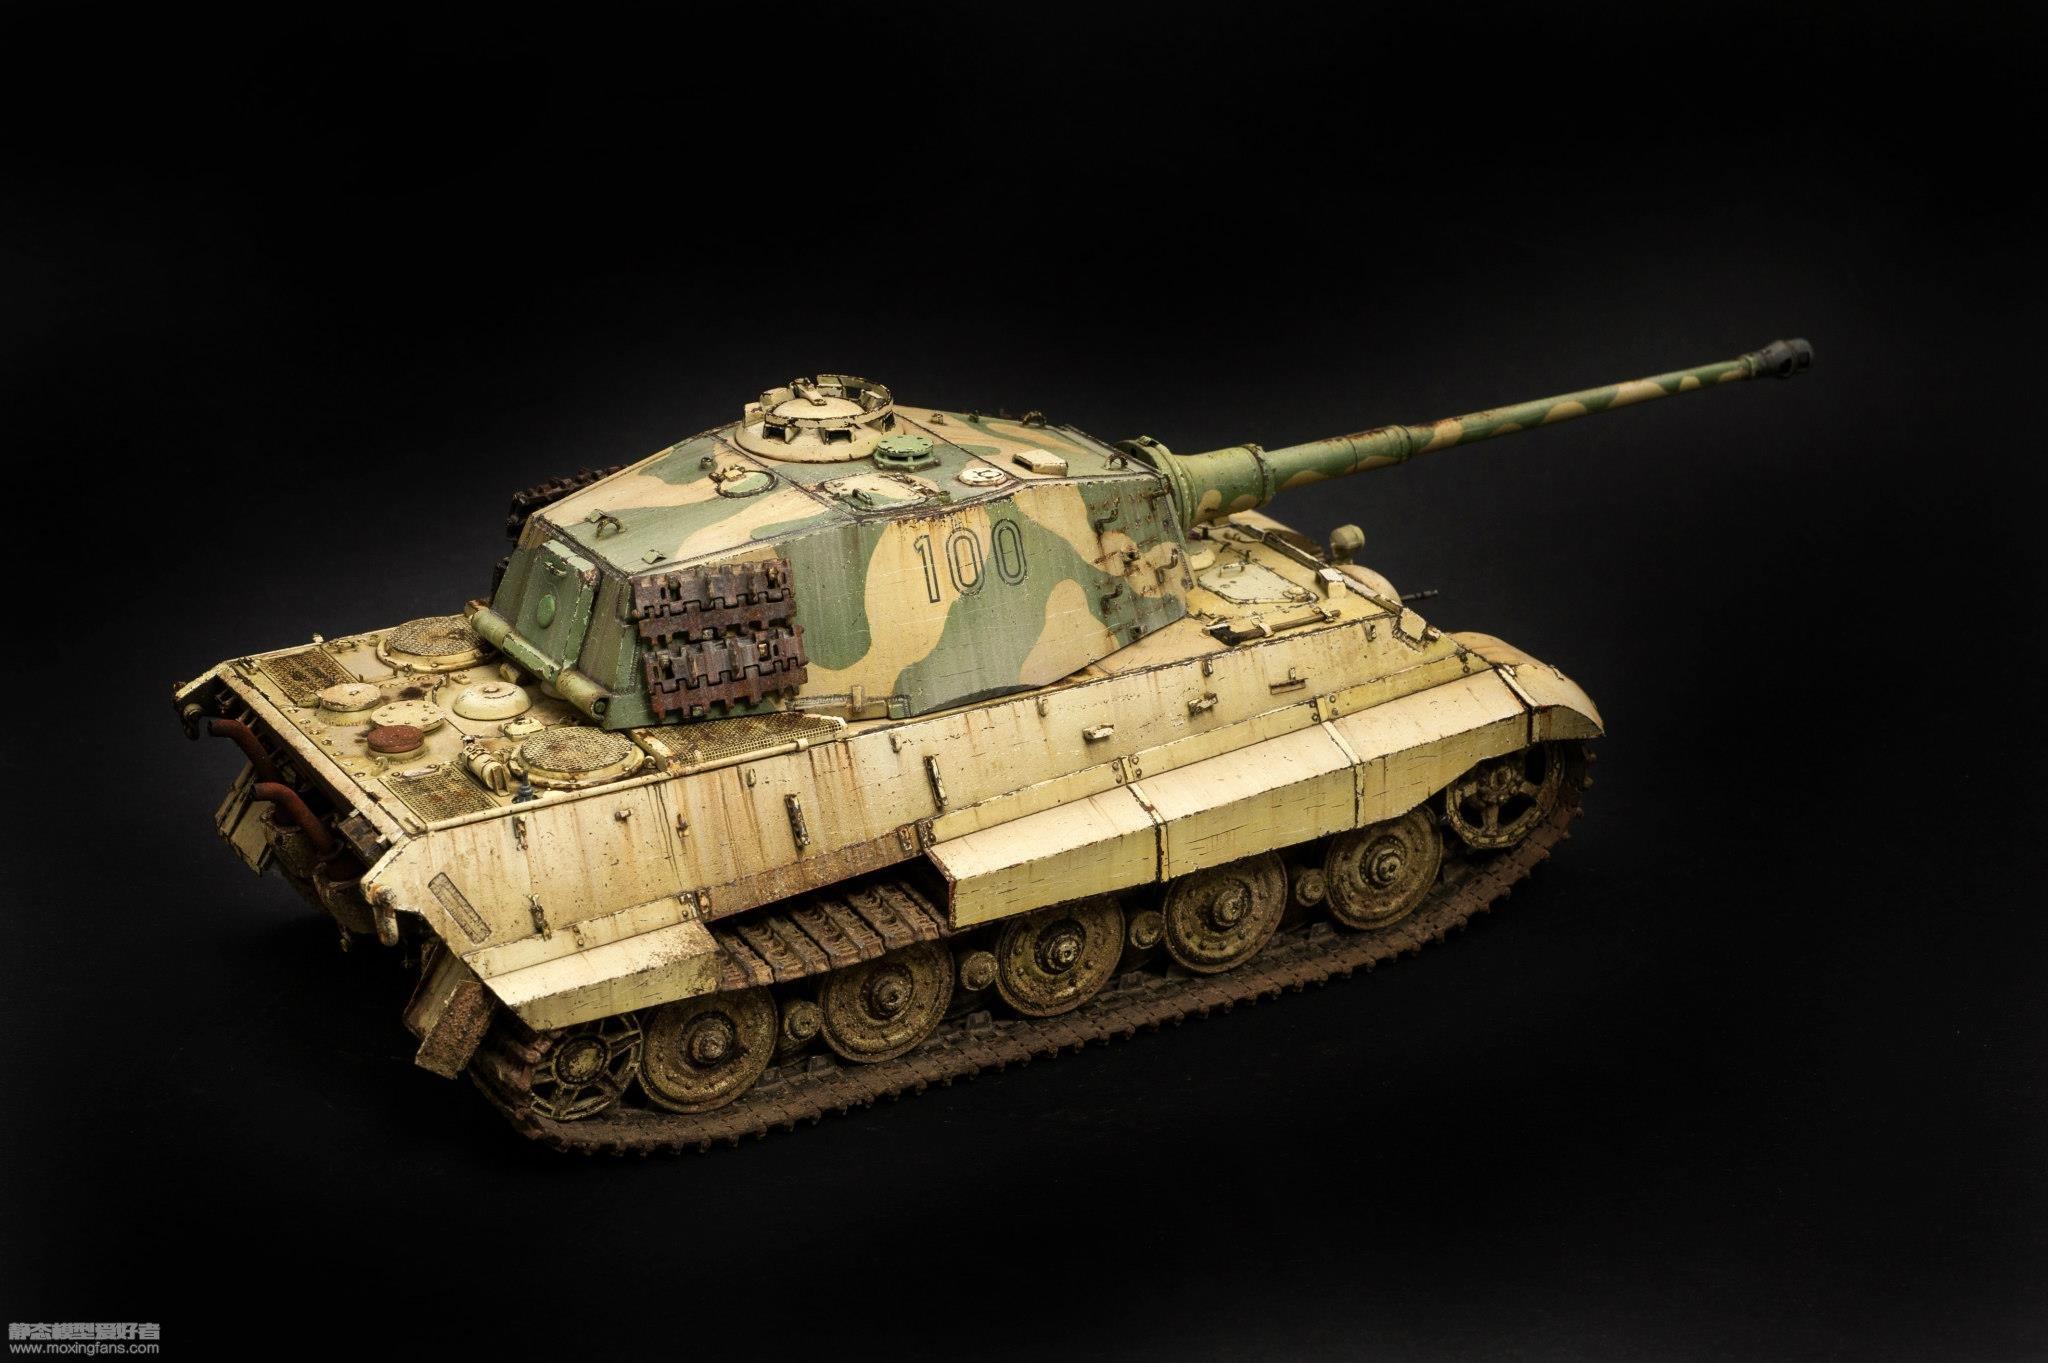 虎王重型坦克 涂装_德国虎王重型坦克八爪鱼涂装(威龙)_静态模型爱好者--致力于 ...